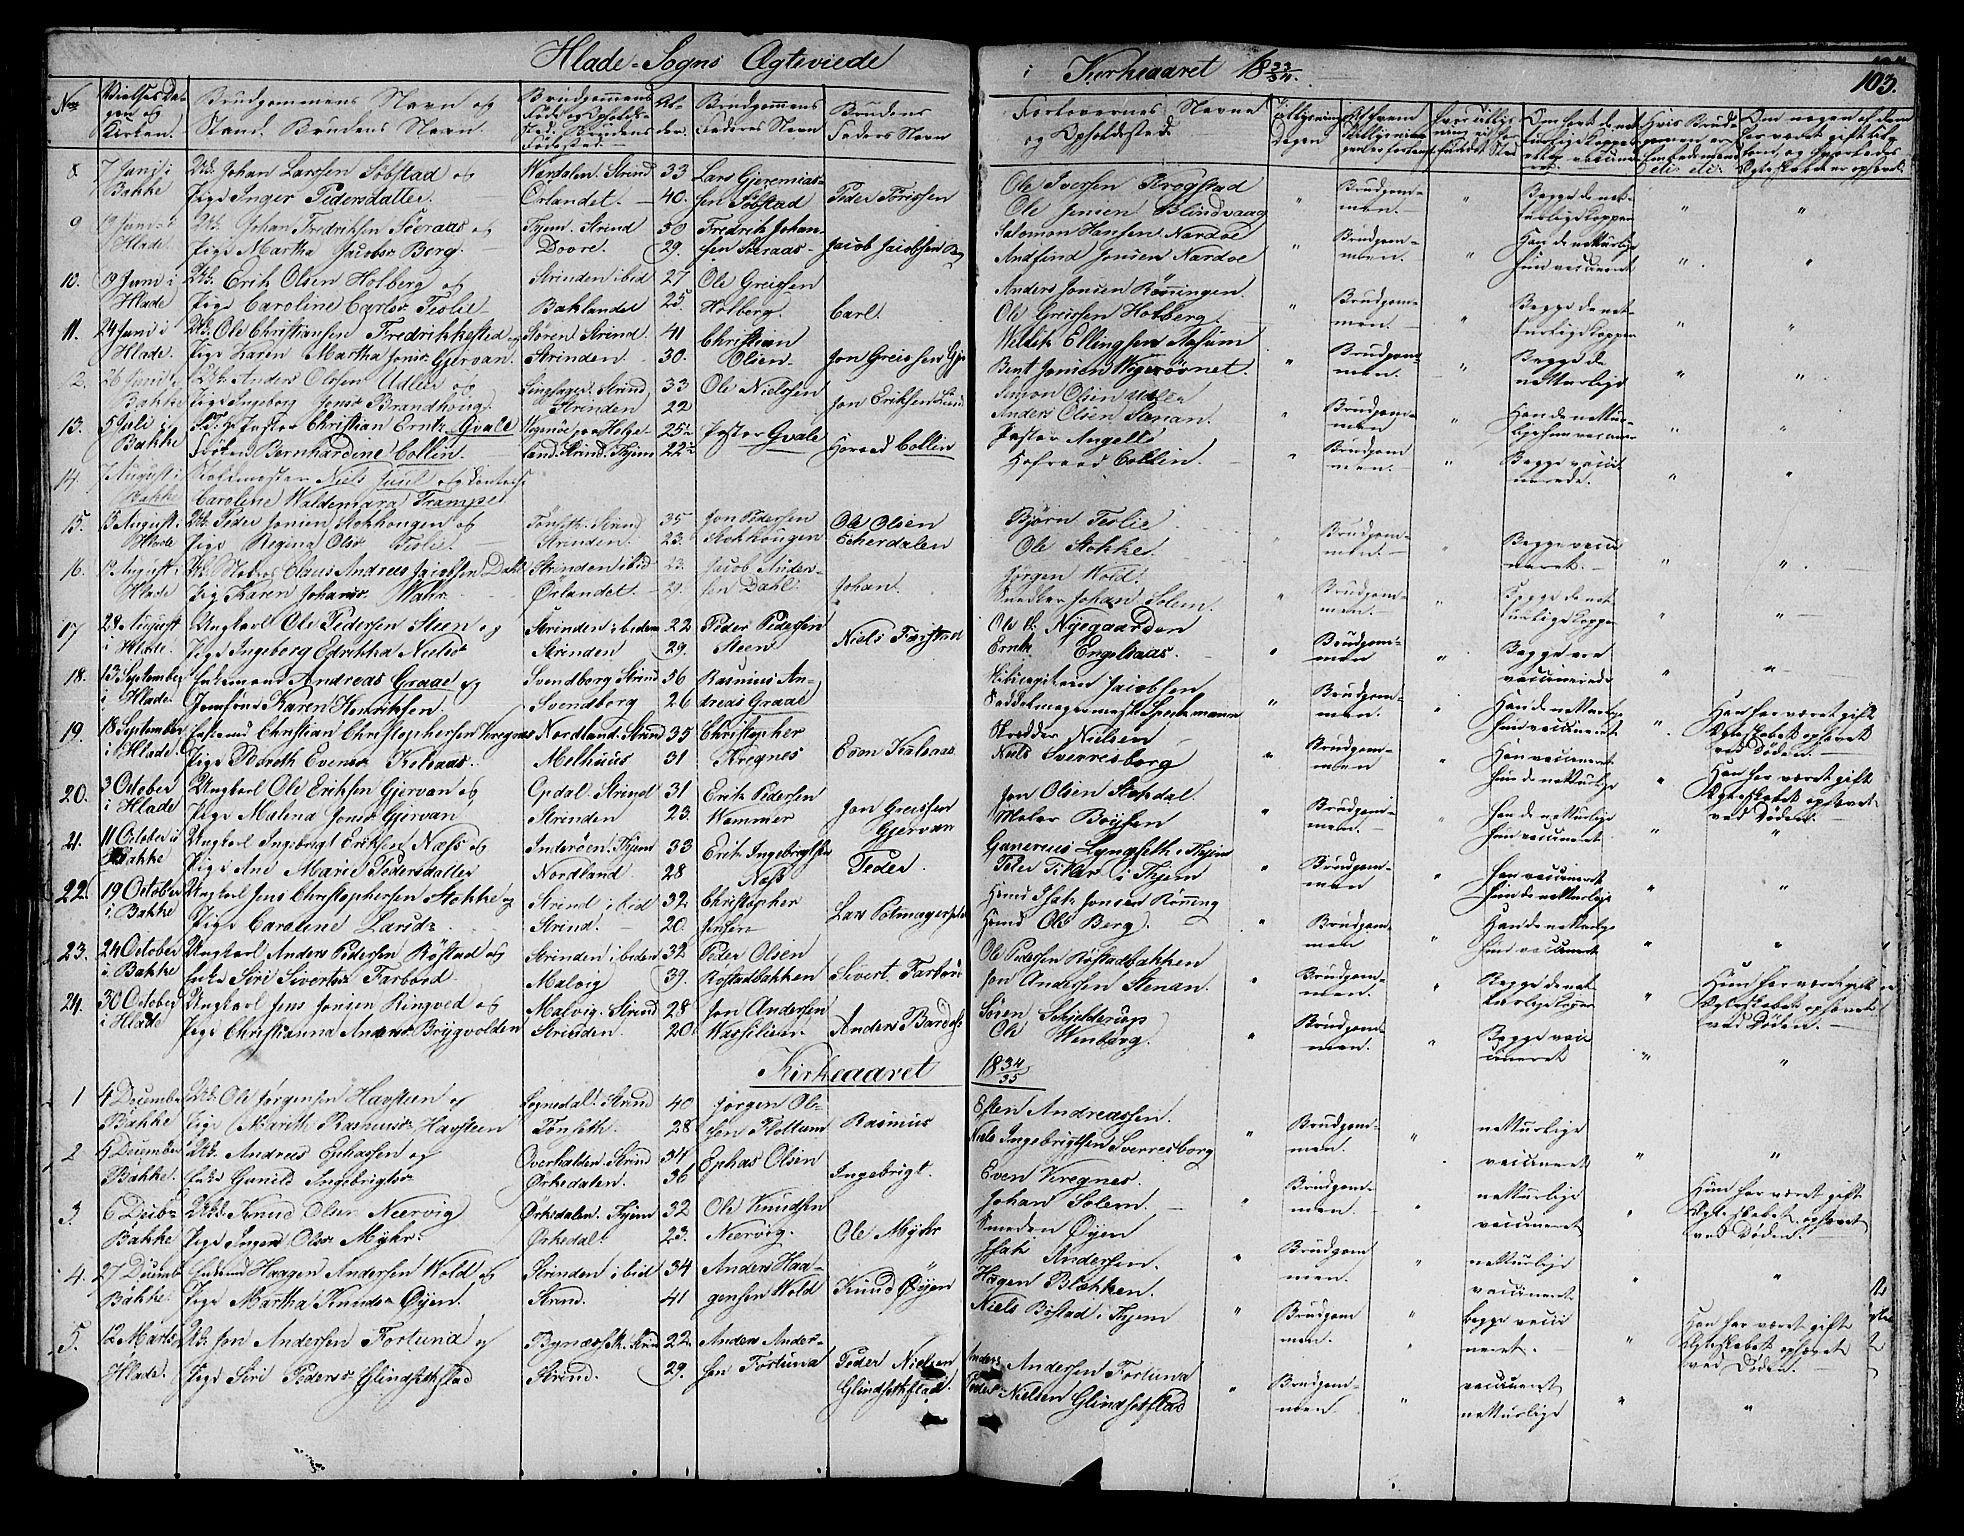 SAT, Ministerialprotokoller, klokkerbøker og fødselsregistre - Sør-Trøndelag, 606/L0308: Klokkerbok nr. 606C04, 1829-1840, s. 103